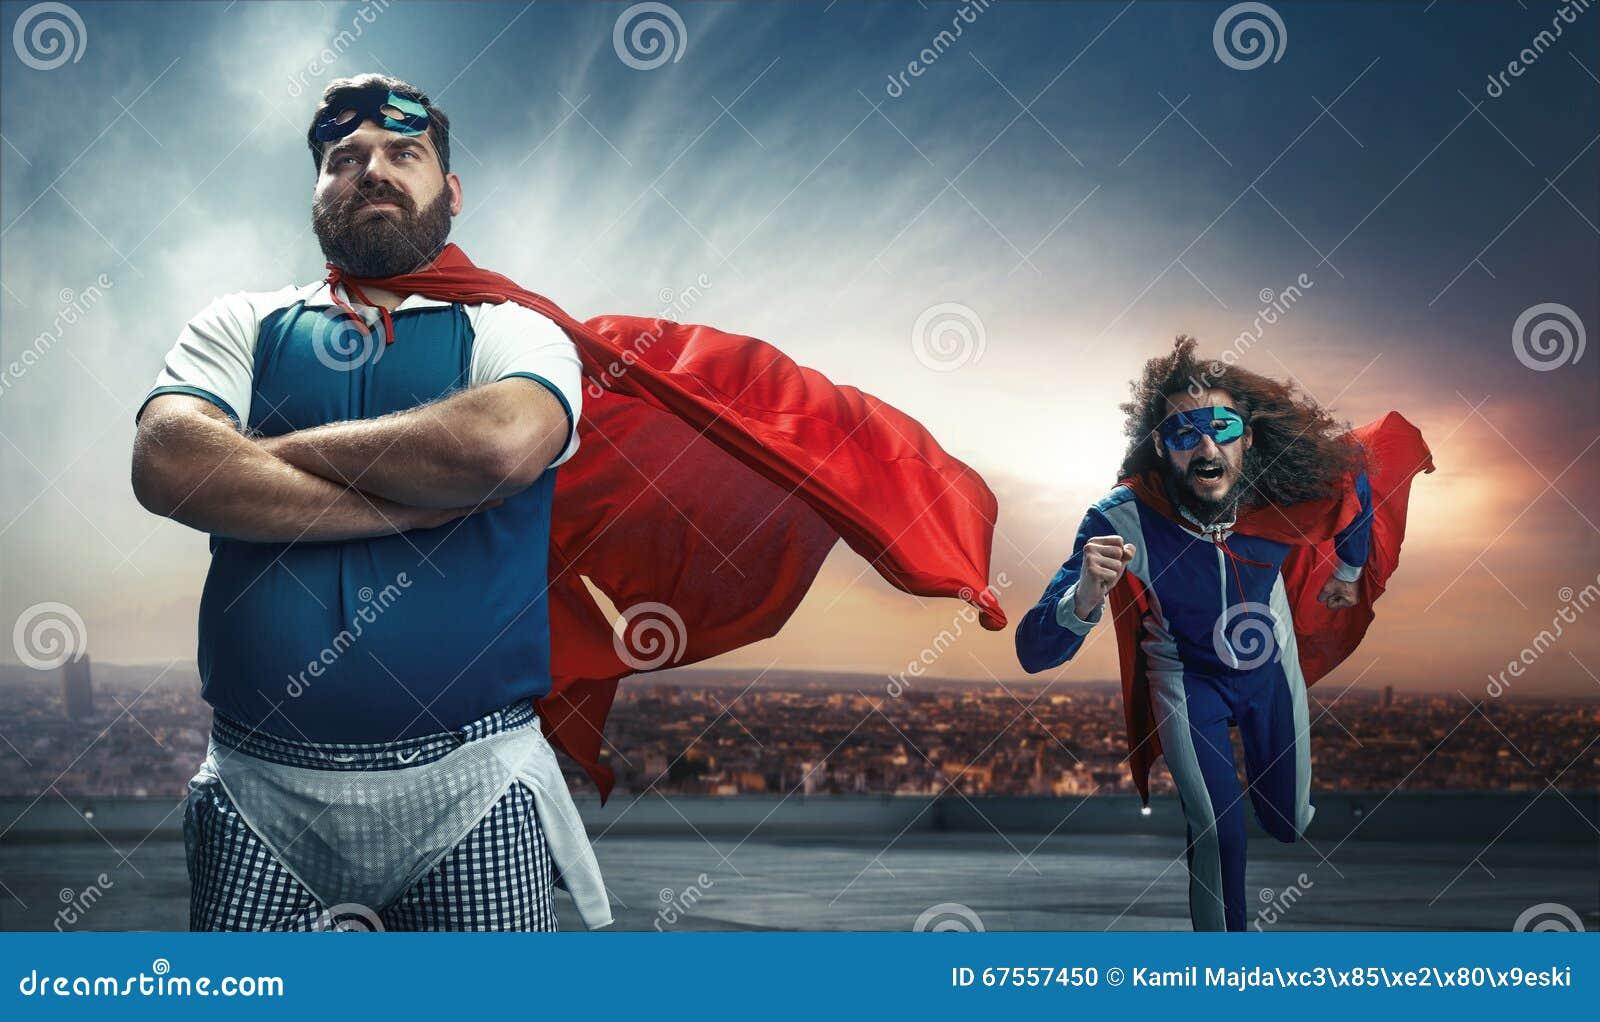 Grappig portret van twee super helden